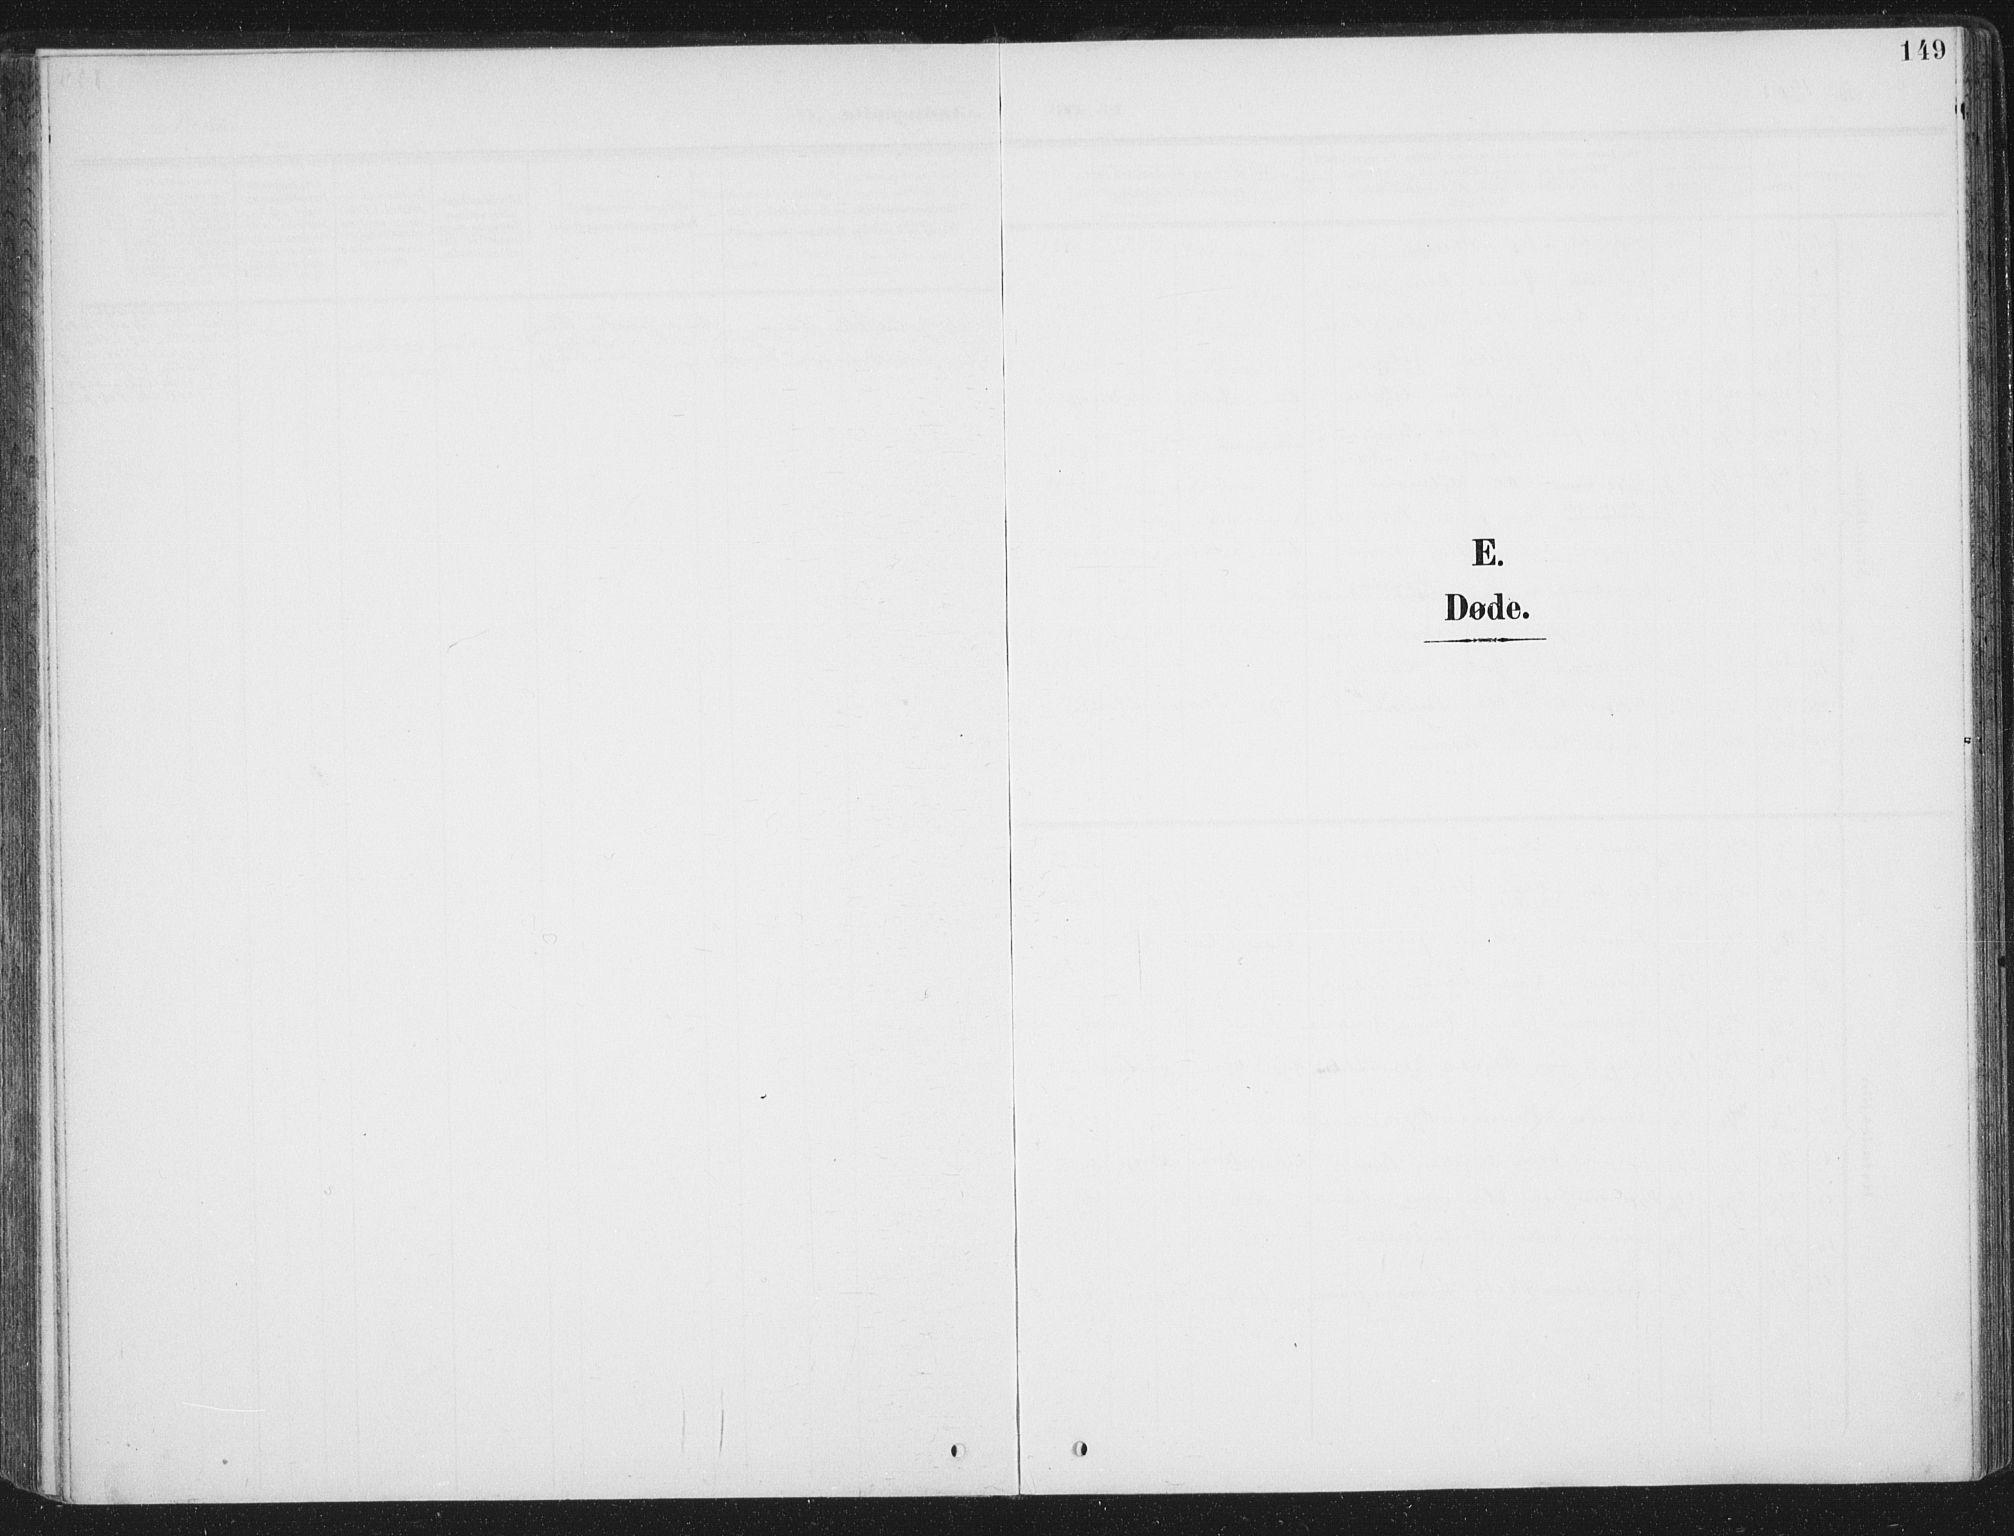 SAT, Ministerialprotokoller, klokkerbøker og fødselsregistre - Sør-Trøndelag, 657/L0709: Ministerialbok nr. 657A10, 1905-1919, s. 149